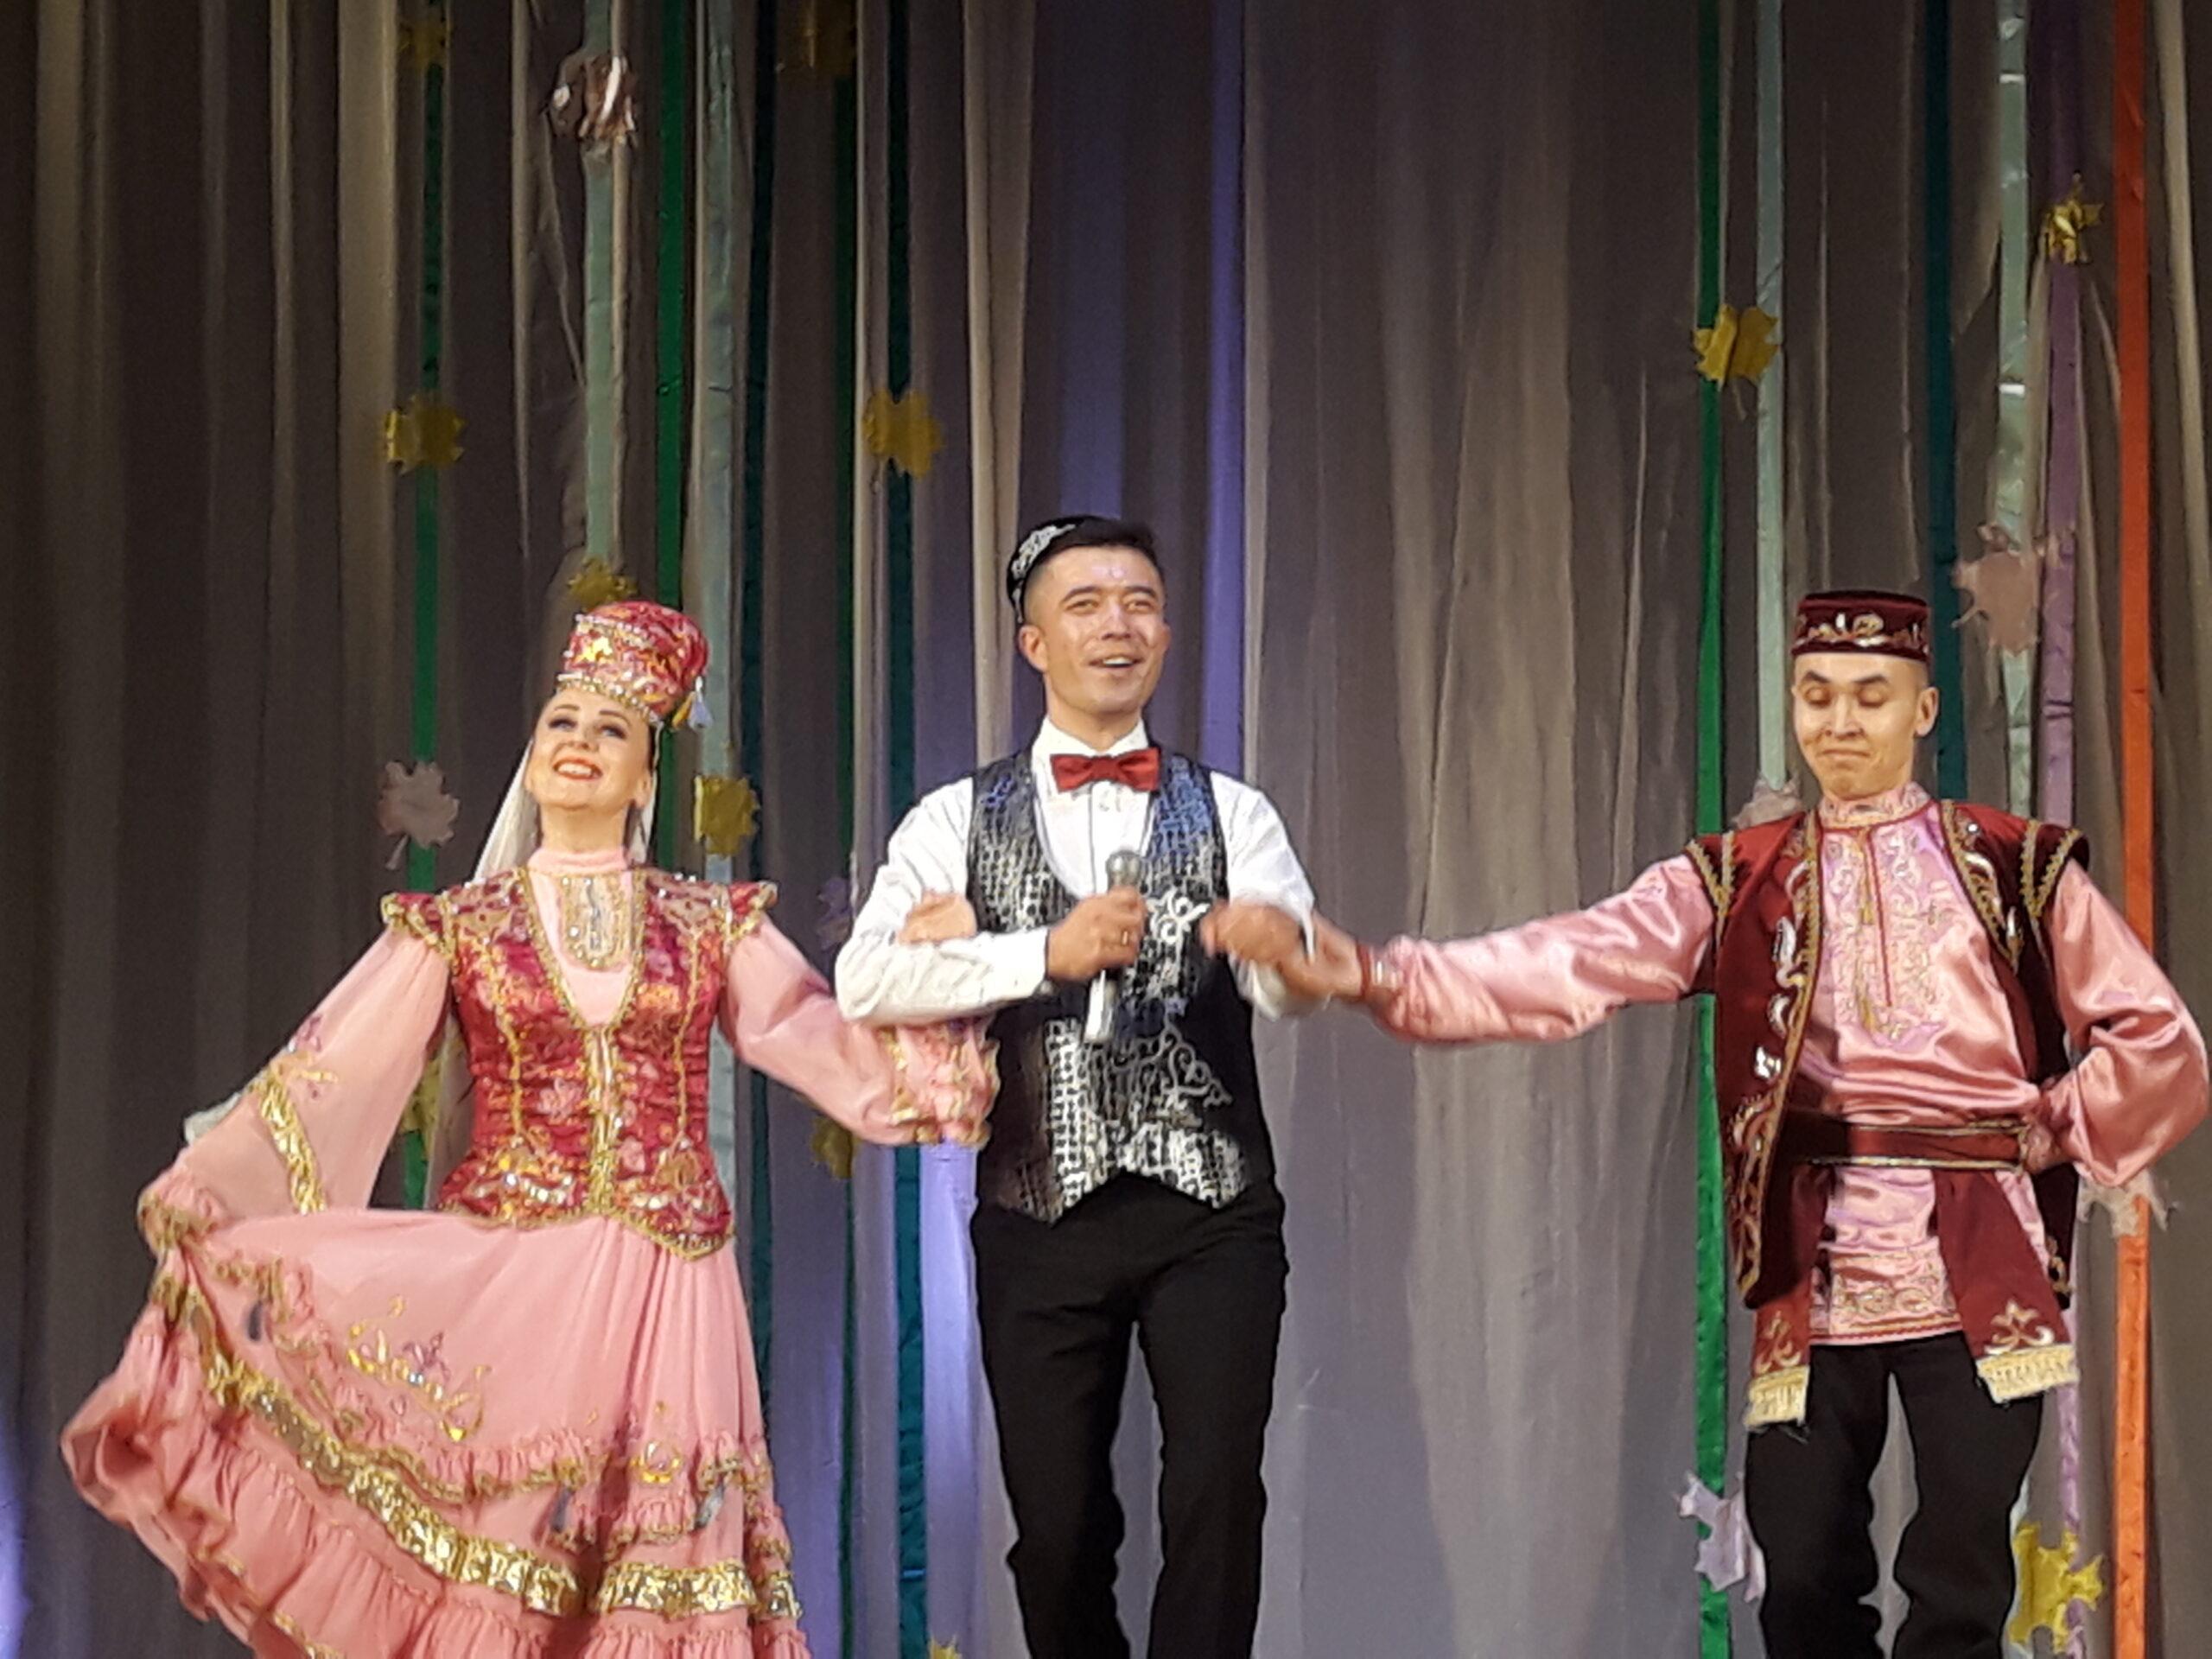 Музыкально-познавательная программа «Ярмарка танцев».